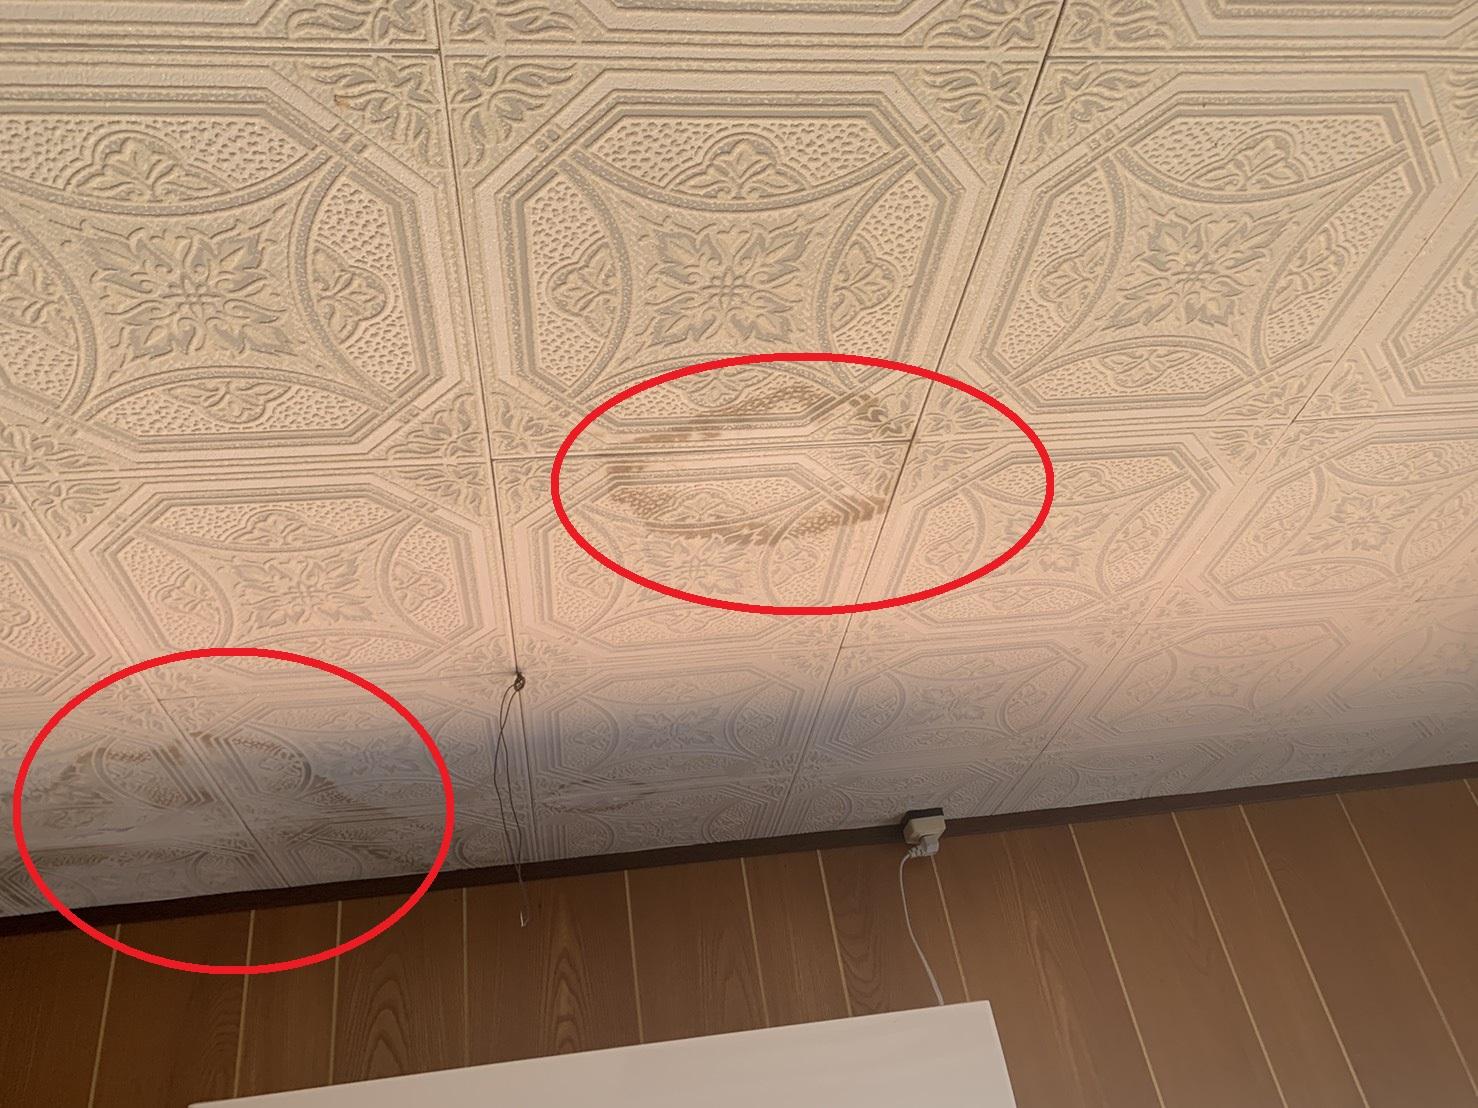 豪雨での雨漏りで天井に大きなシミが出来ている様子